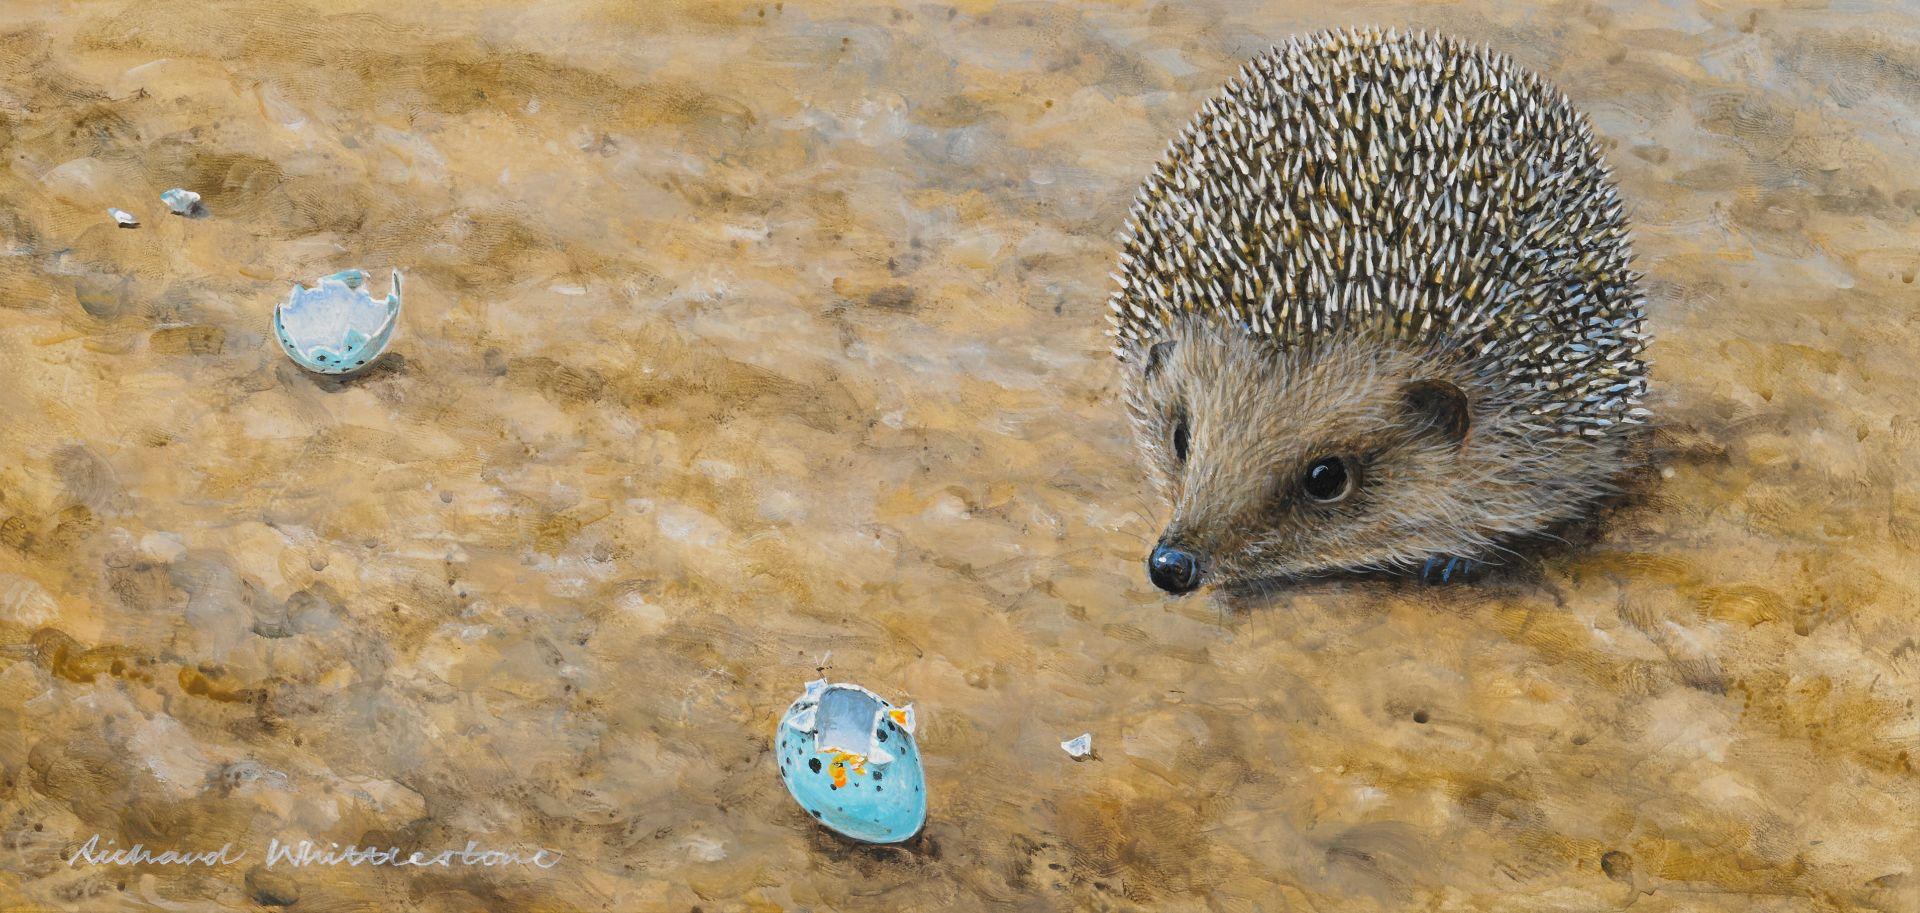 Richard-Whittlestone-Originals-Hedgehog-